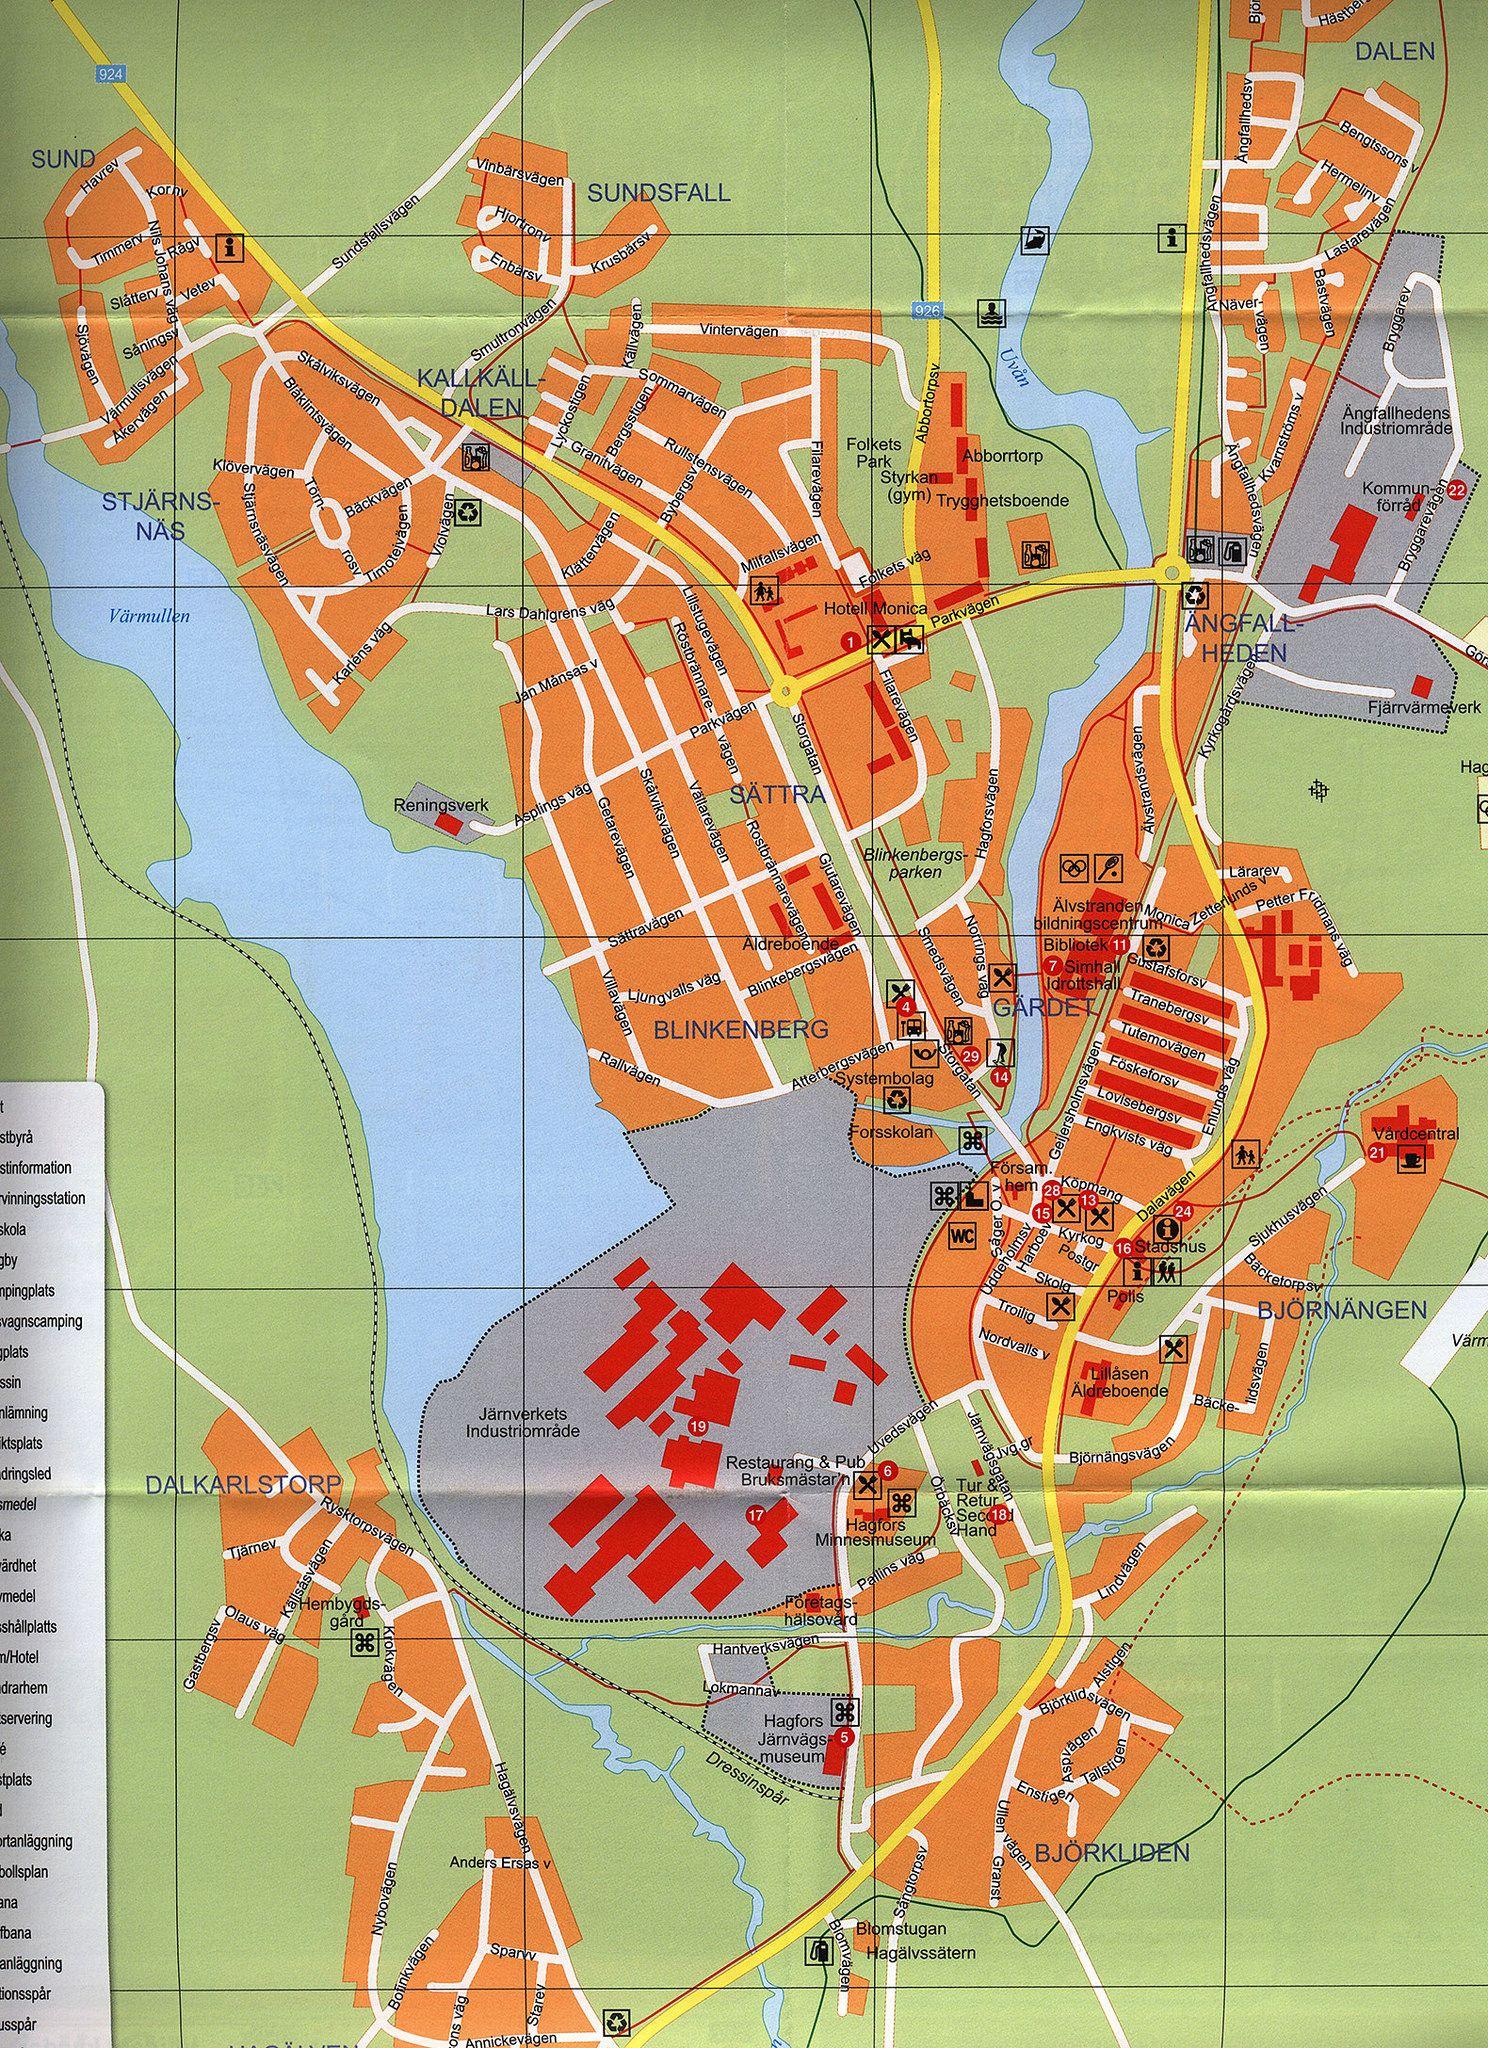 HagforsEkshärad Sunnemo Råda Uddeholm Besökskarta Visitors - Sweden map 2015